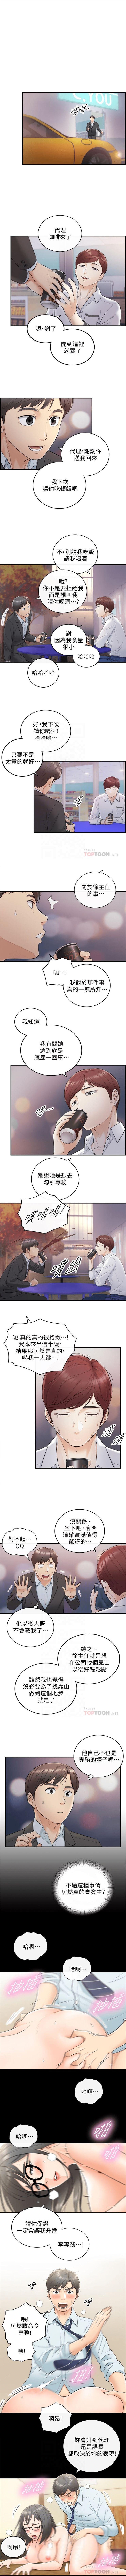 (週5)正妹小主管 1-39 中文翻譯(更新中) 106